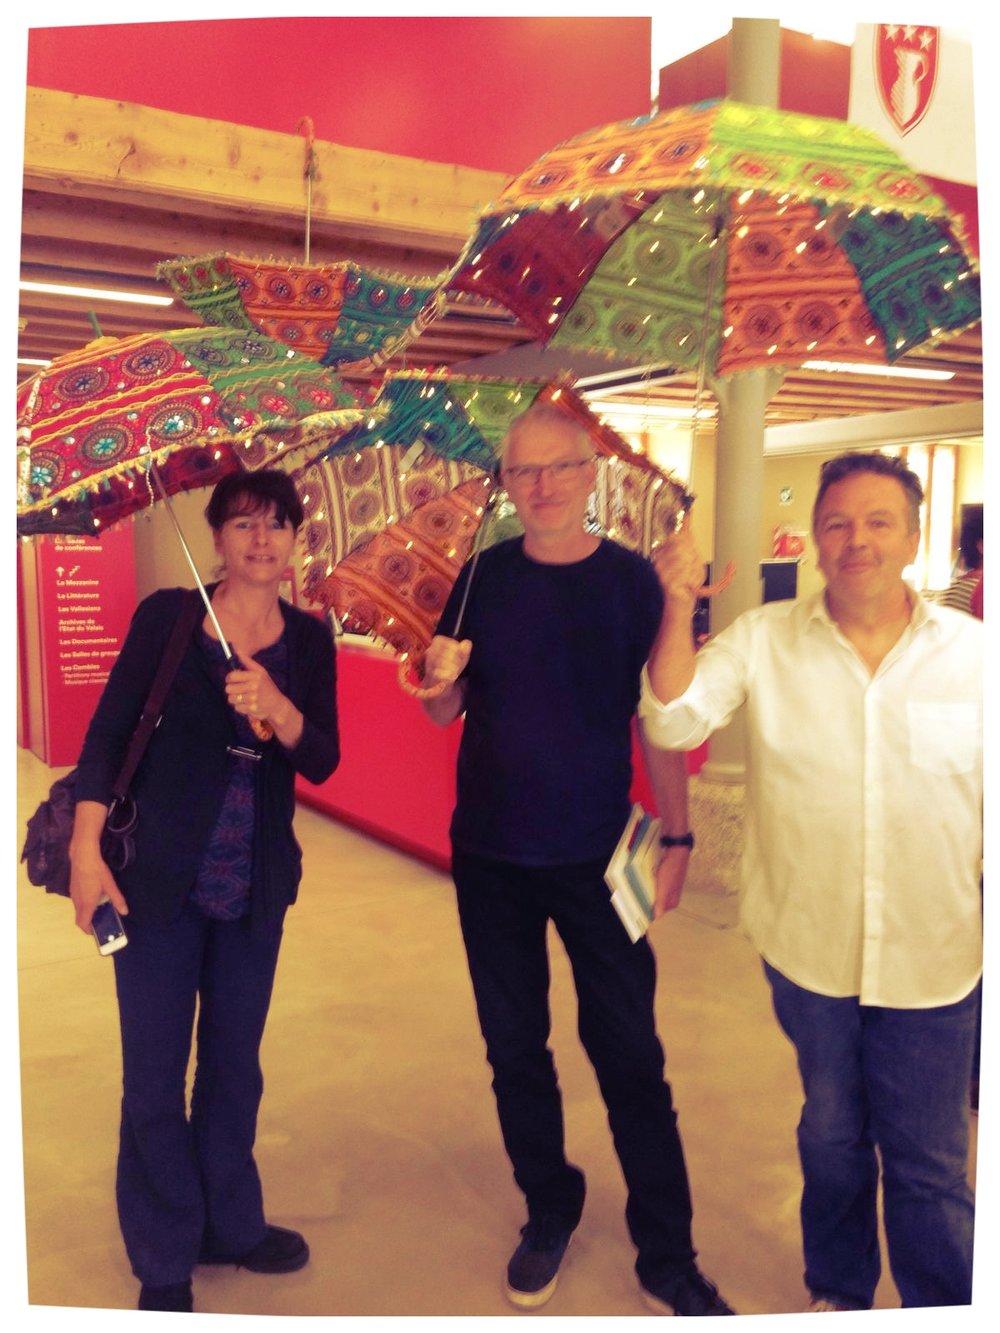 Sous les ombrelles, des écrivains... [cliquer sur la photo pour lire la légende]